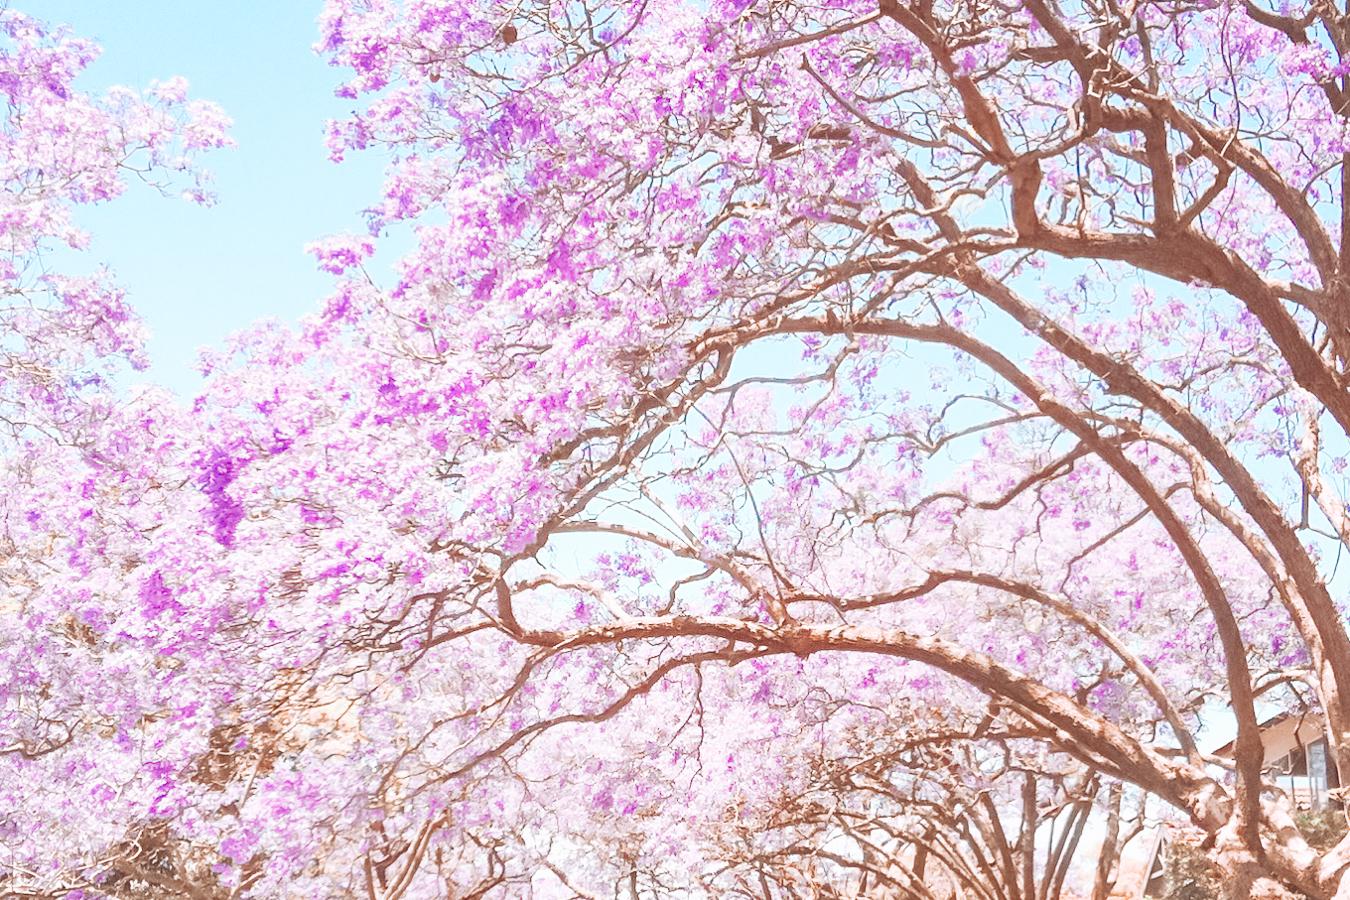 Purple flowers in Sydney